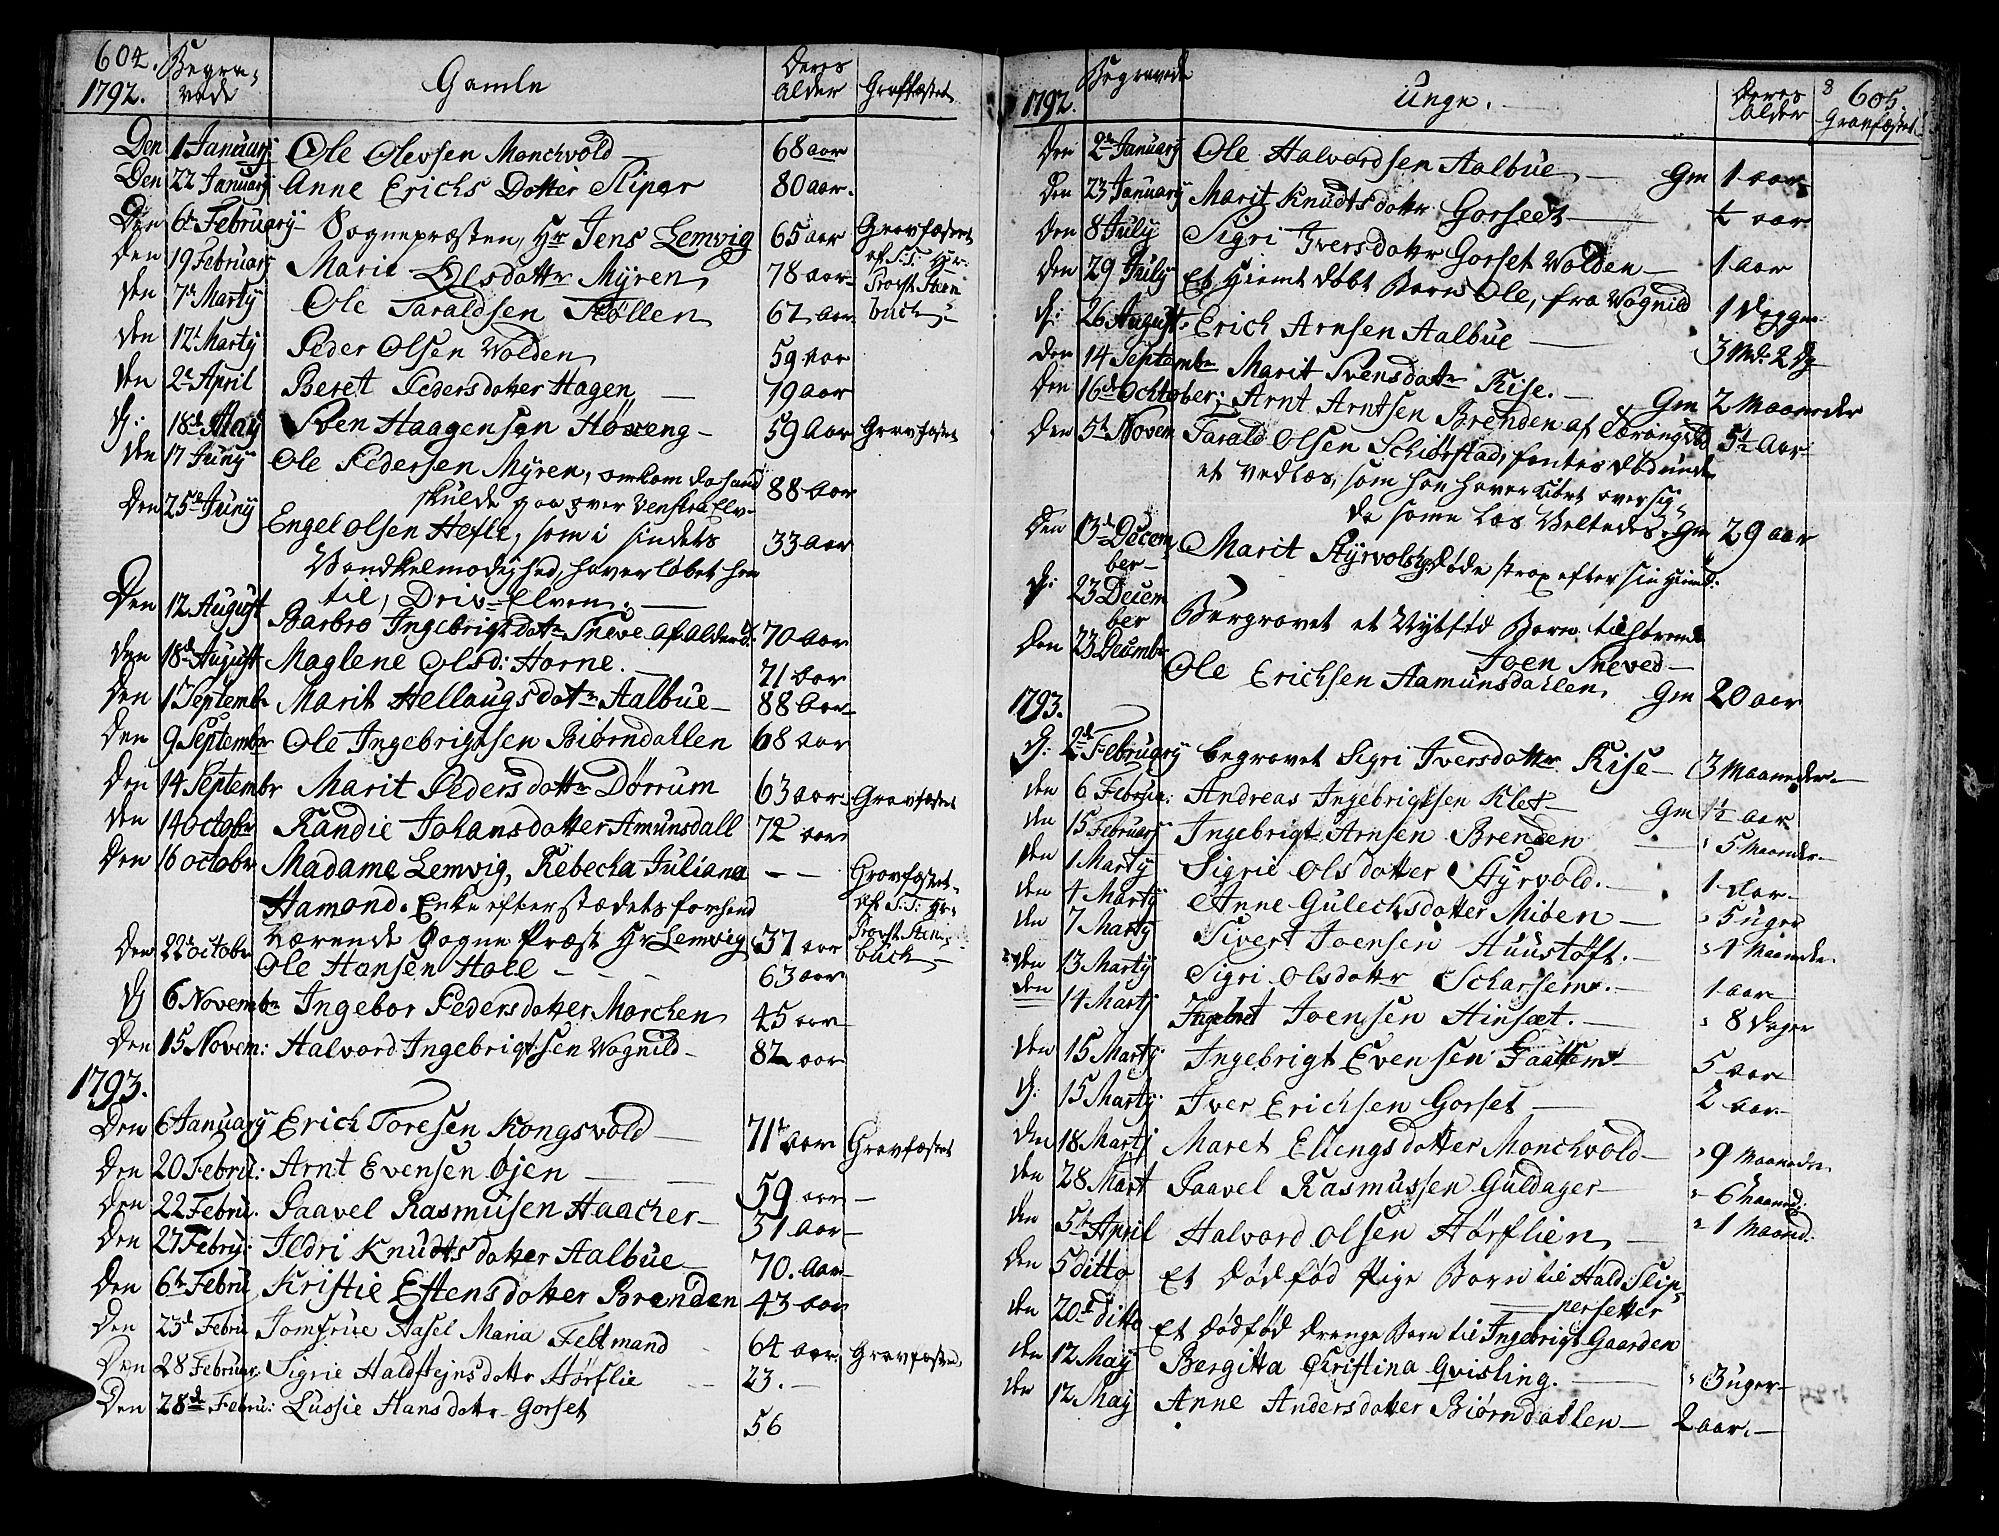 SAT, Ministerialprotokoller, klokkerbøker og fødselsregistre - Sør-Trøndelag, 678/L0893: Ministerialbok nr. 678A03, 1792-1805, s. 604-605